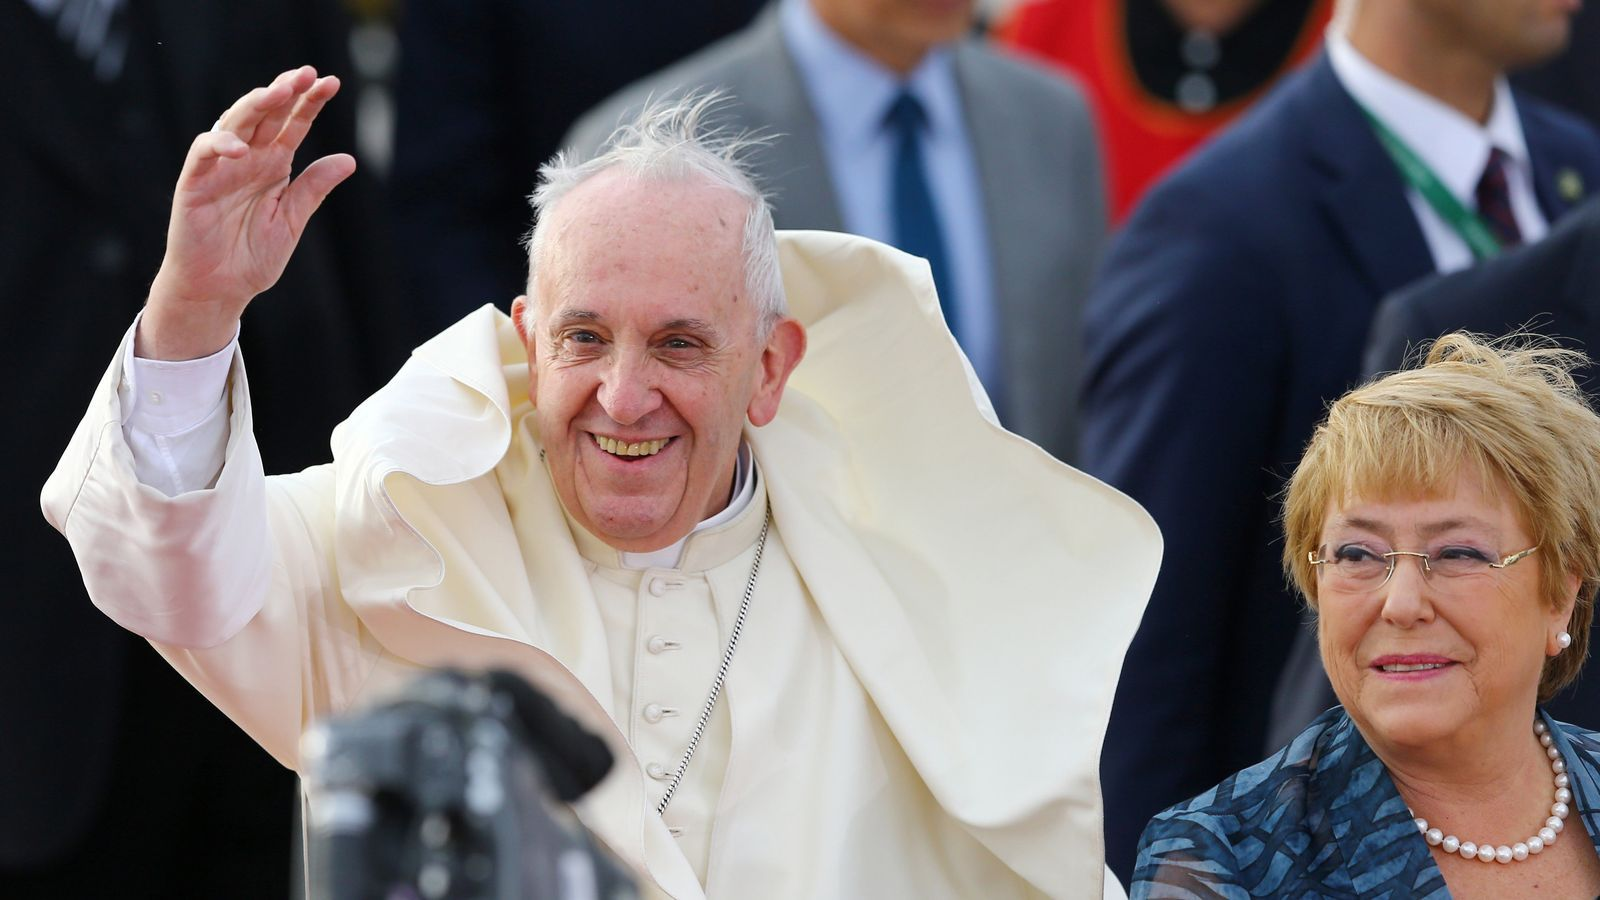 El Papa Francesc amb la presidenta de Xile, Michelle Bachelet, a l'arribada del Pontífex a l'aeroport de Santiago